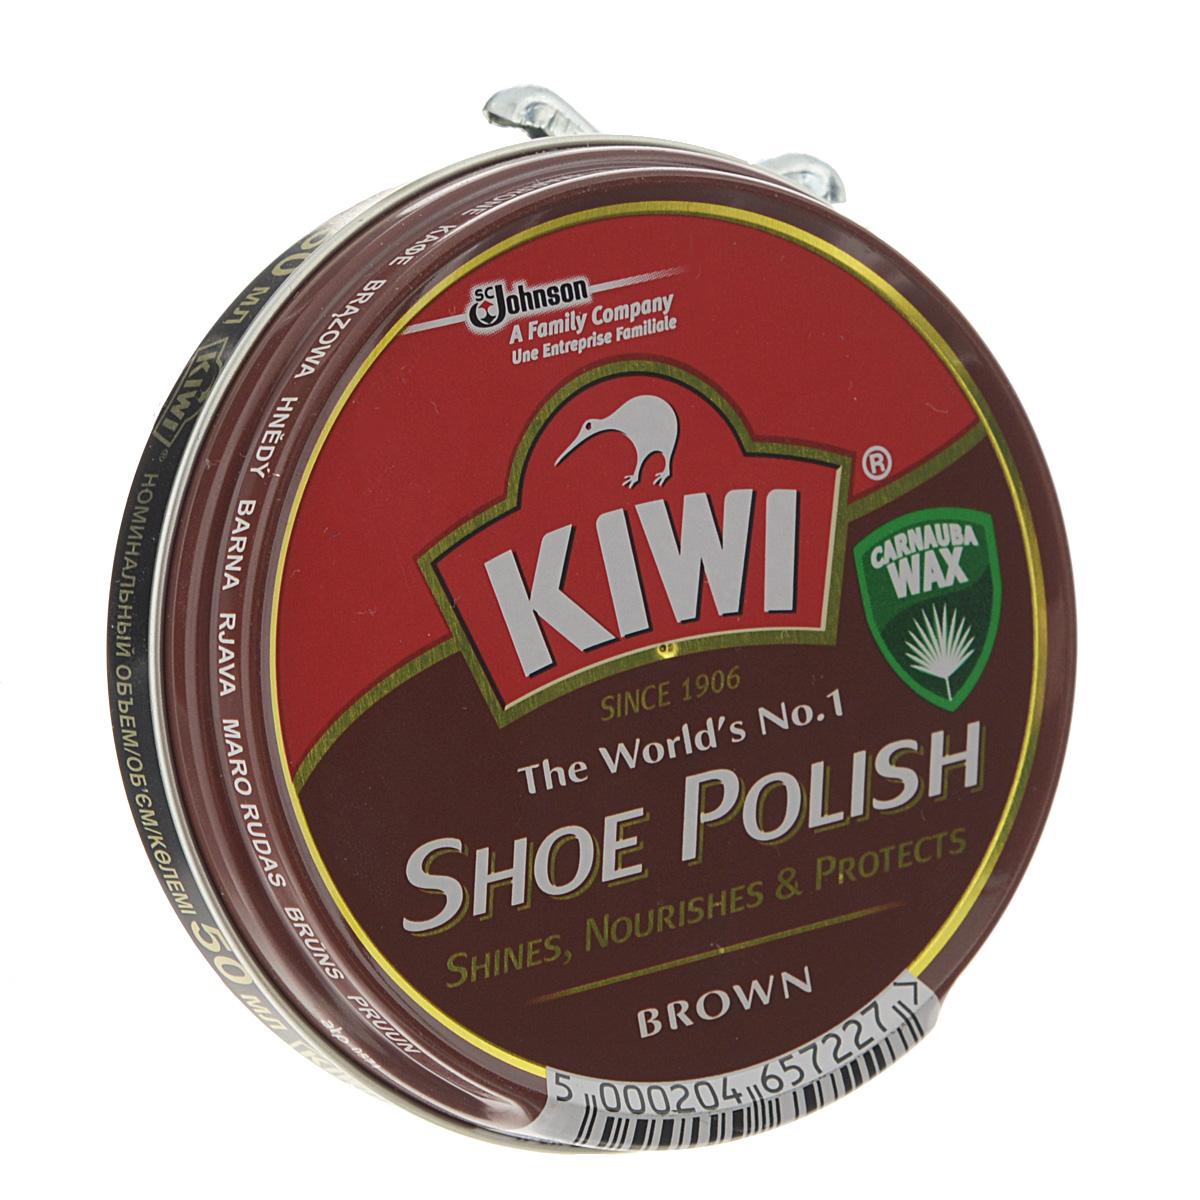 Крем для обуви Kiwi Shoe Polish, цвет: коричневый, 50 мл632089Самый популярный в мире крем в банке Kiwi Shoe Polish предназначен для ухода за изделиями из гладкой кожи. В состав крема входит уникальный воск листьев пальмы Carnauba, произрастающей в джунглях Южной Америки. Наличие крышки-щелчок гарантирует легкость открываний.